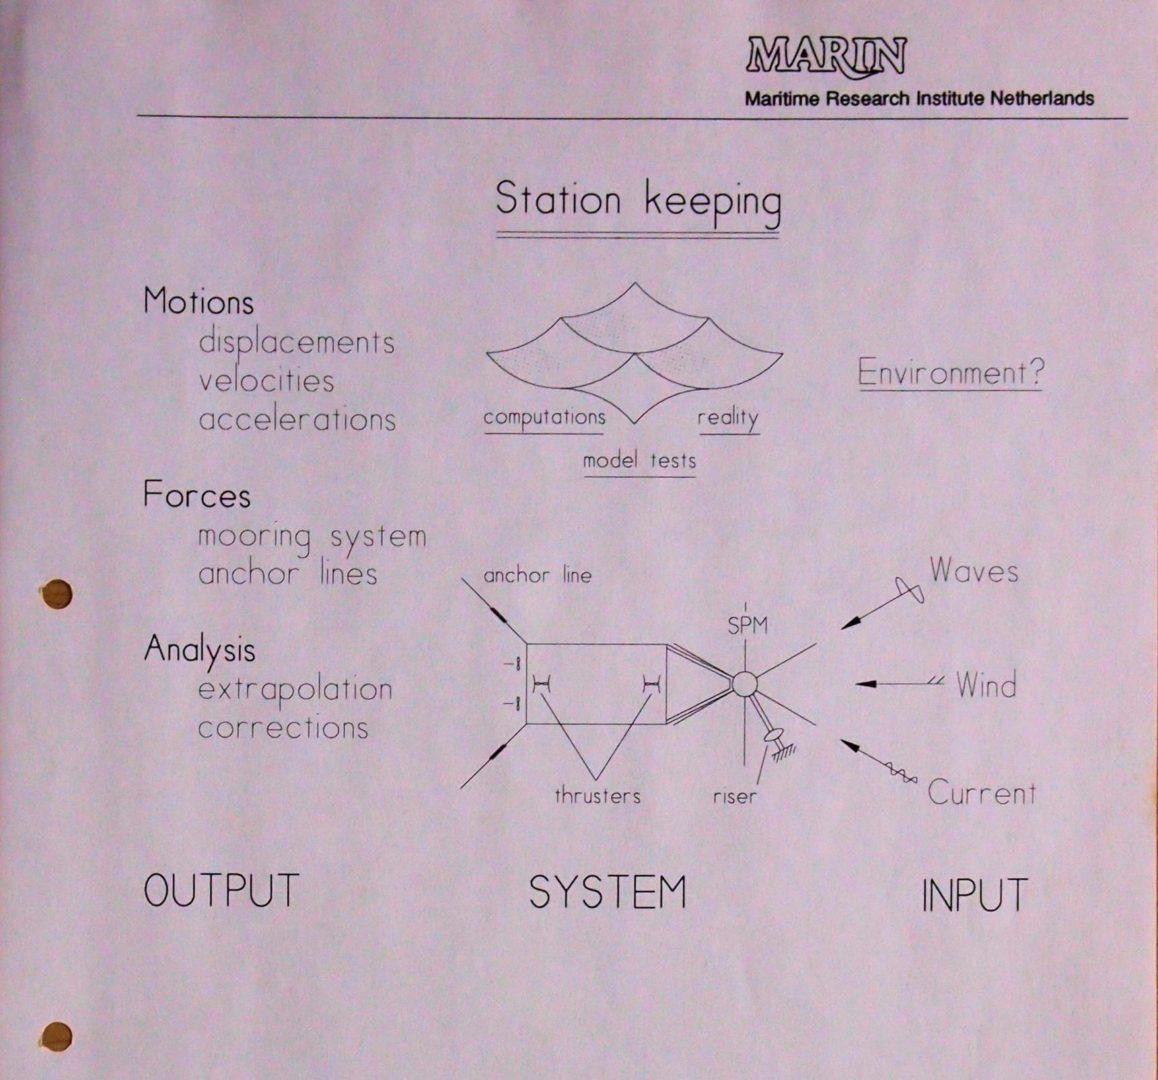 NL-Wageningen Marin 19920330 OffShore Verwerking Test Design Mooring System